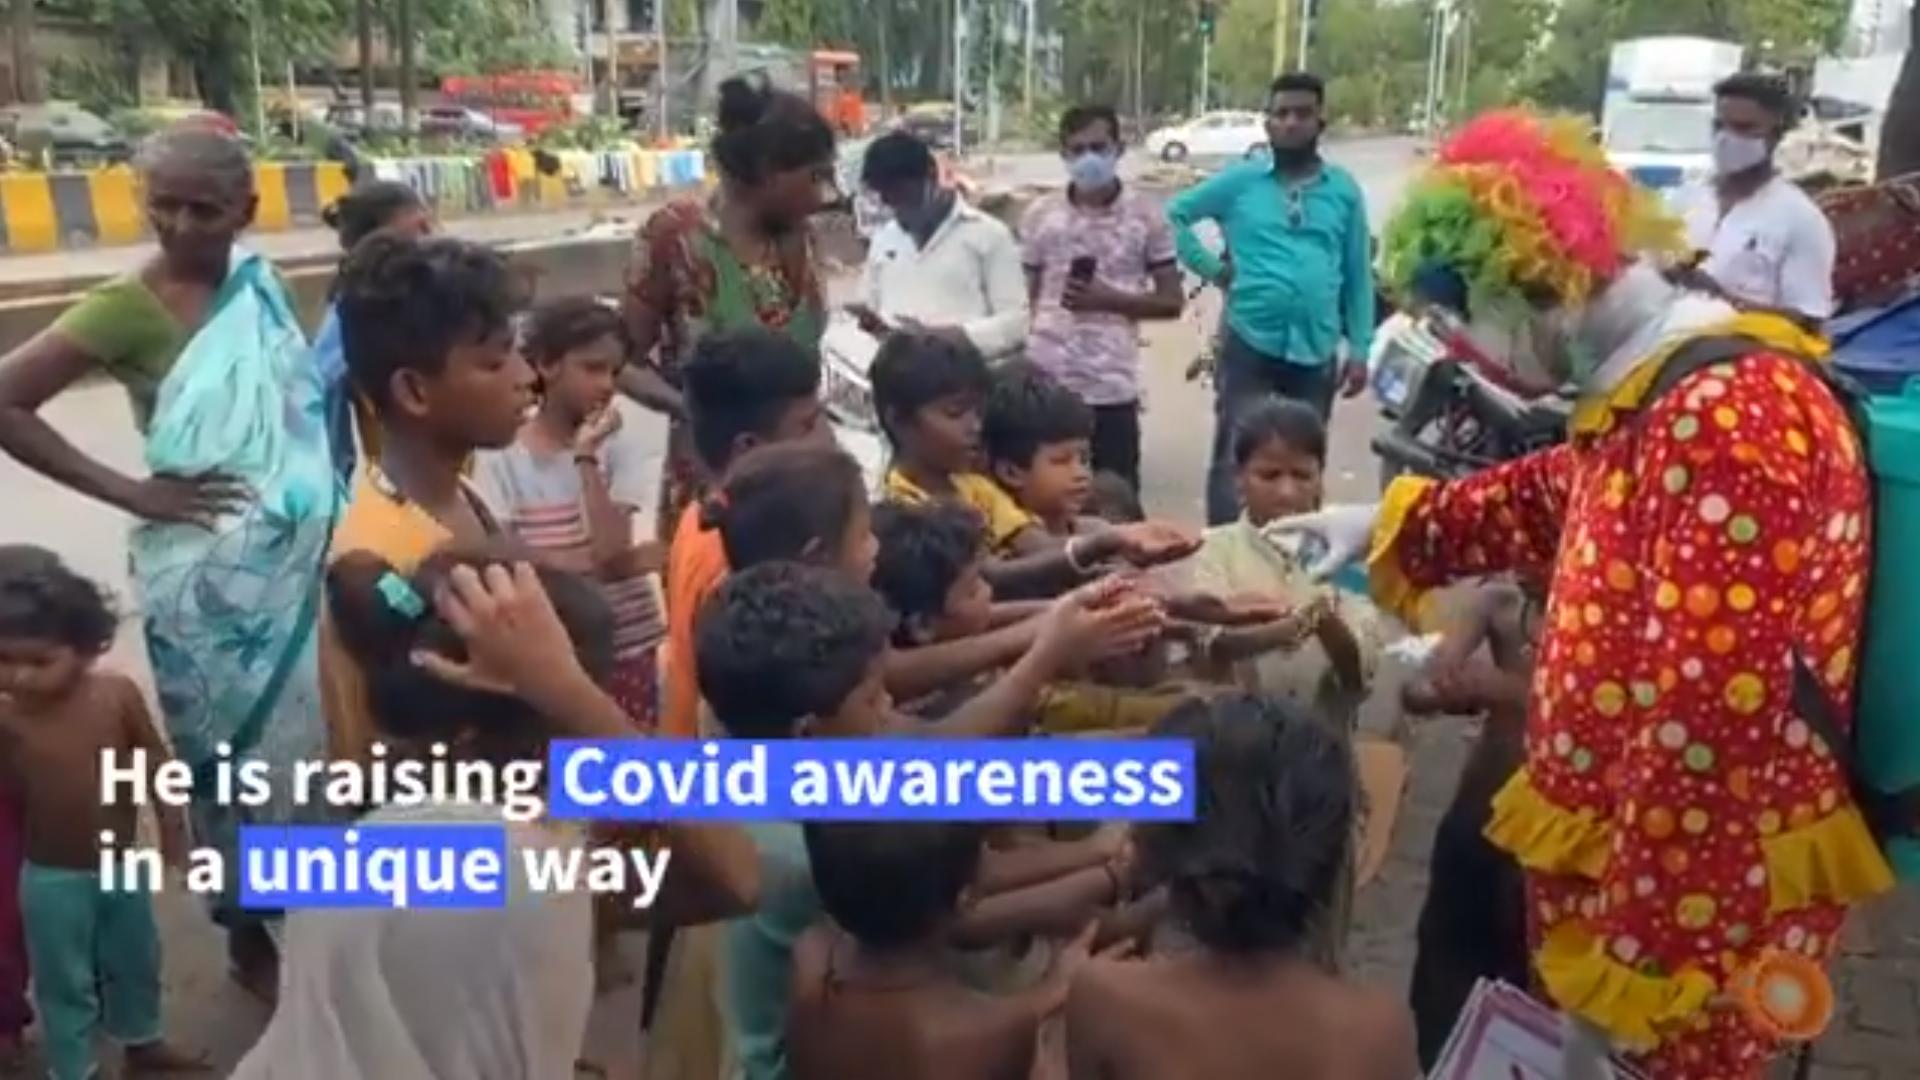 Edukasi Covid-19 ke Anak-Anak, Pekerja Farmasi Rela Jadi Badut